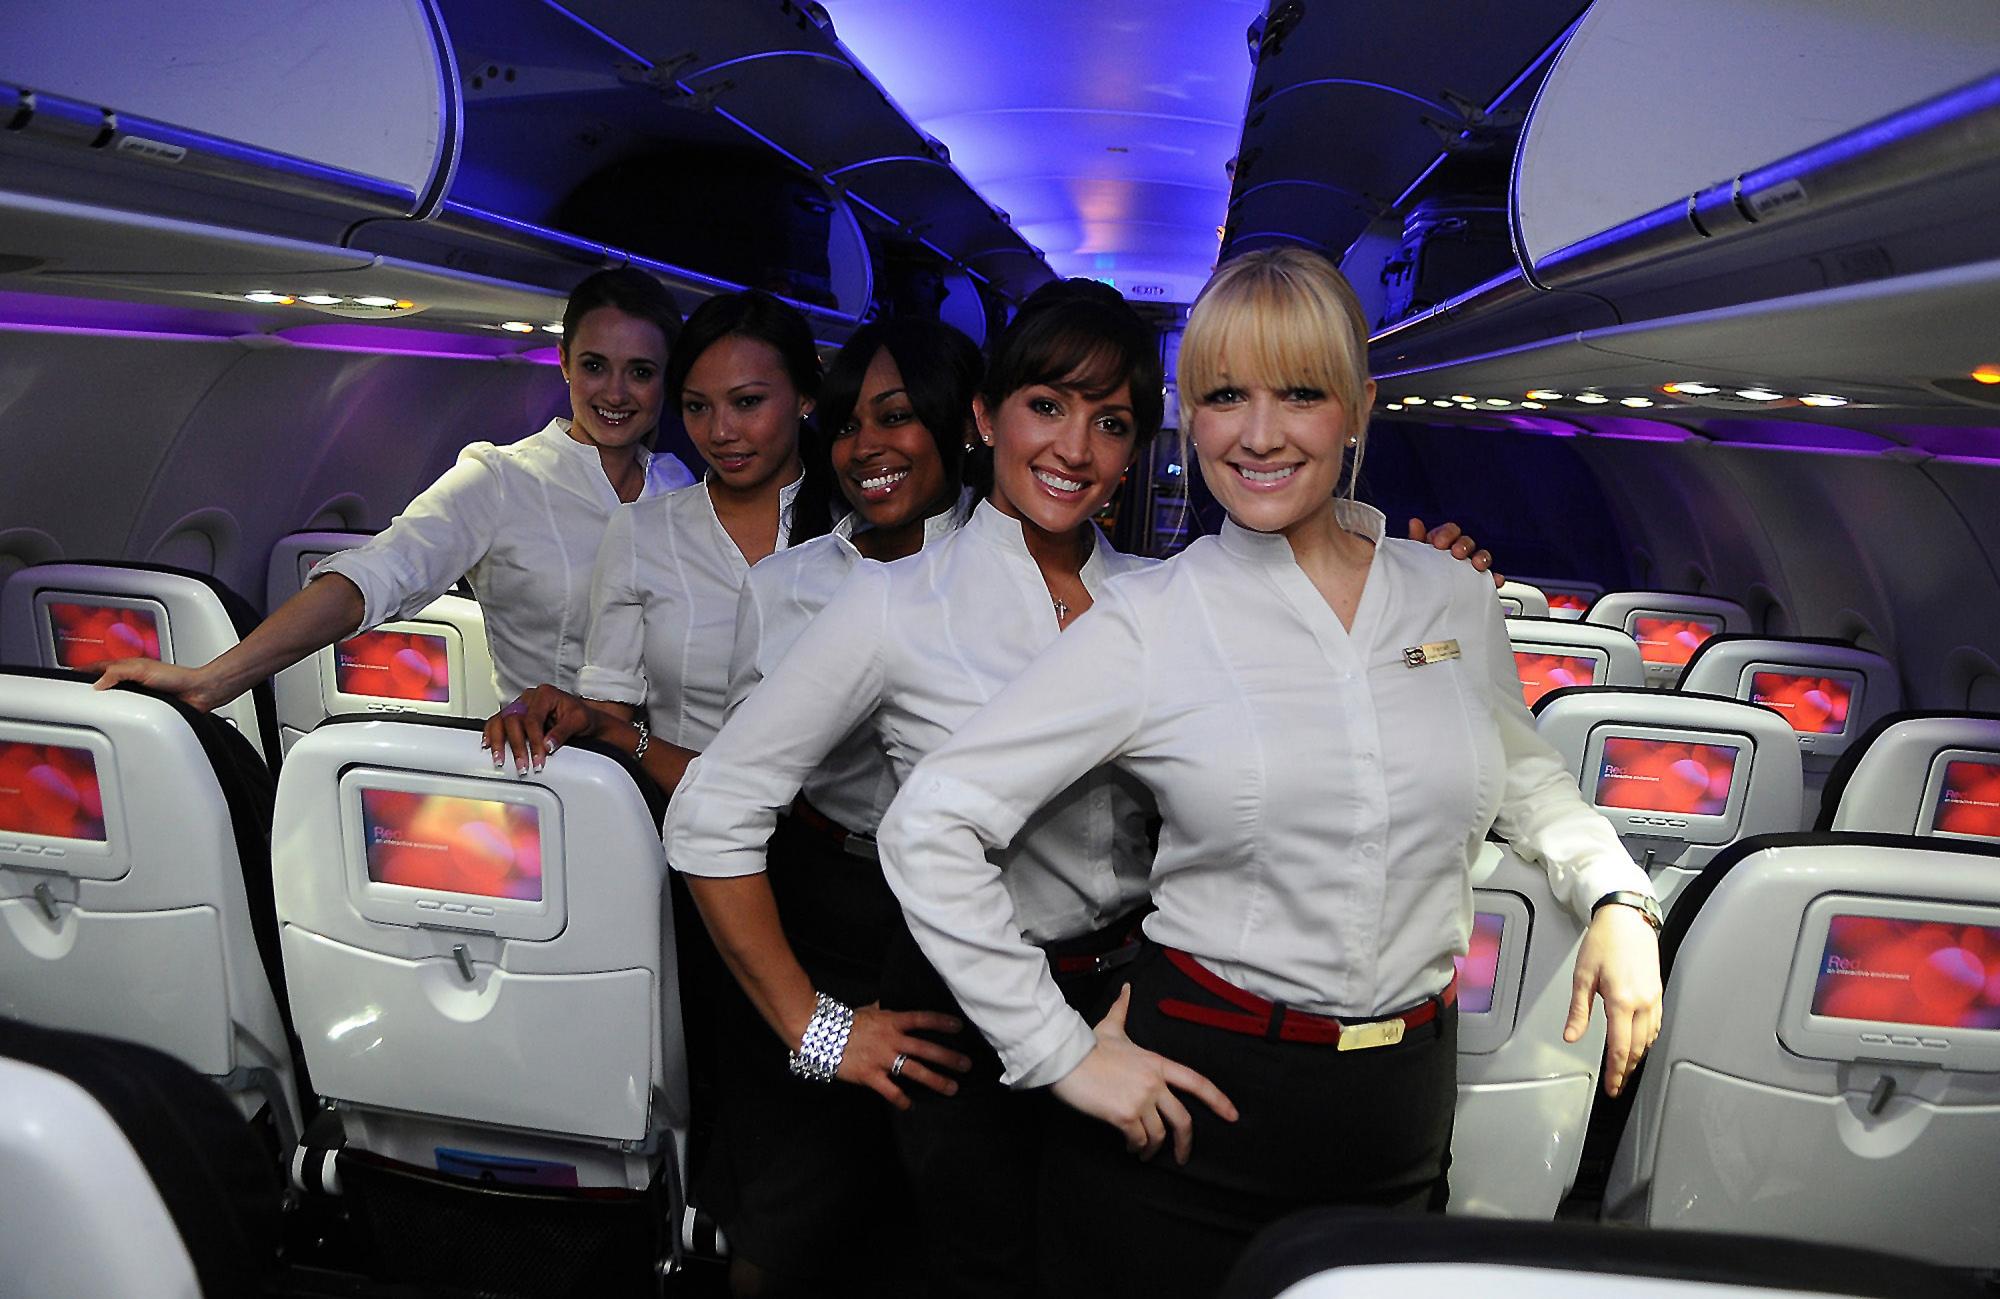 Virgin America Ceo forudsiger store billedture ved Us Airlines i 2016 Virgin-3072